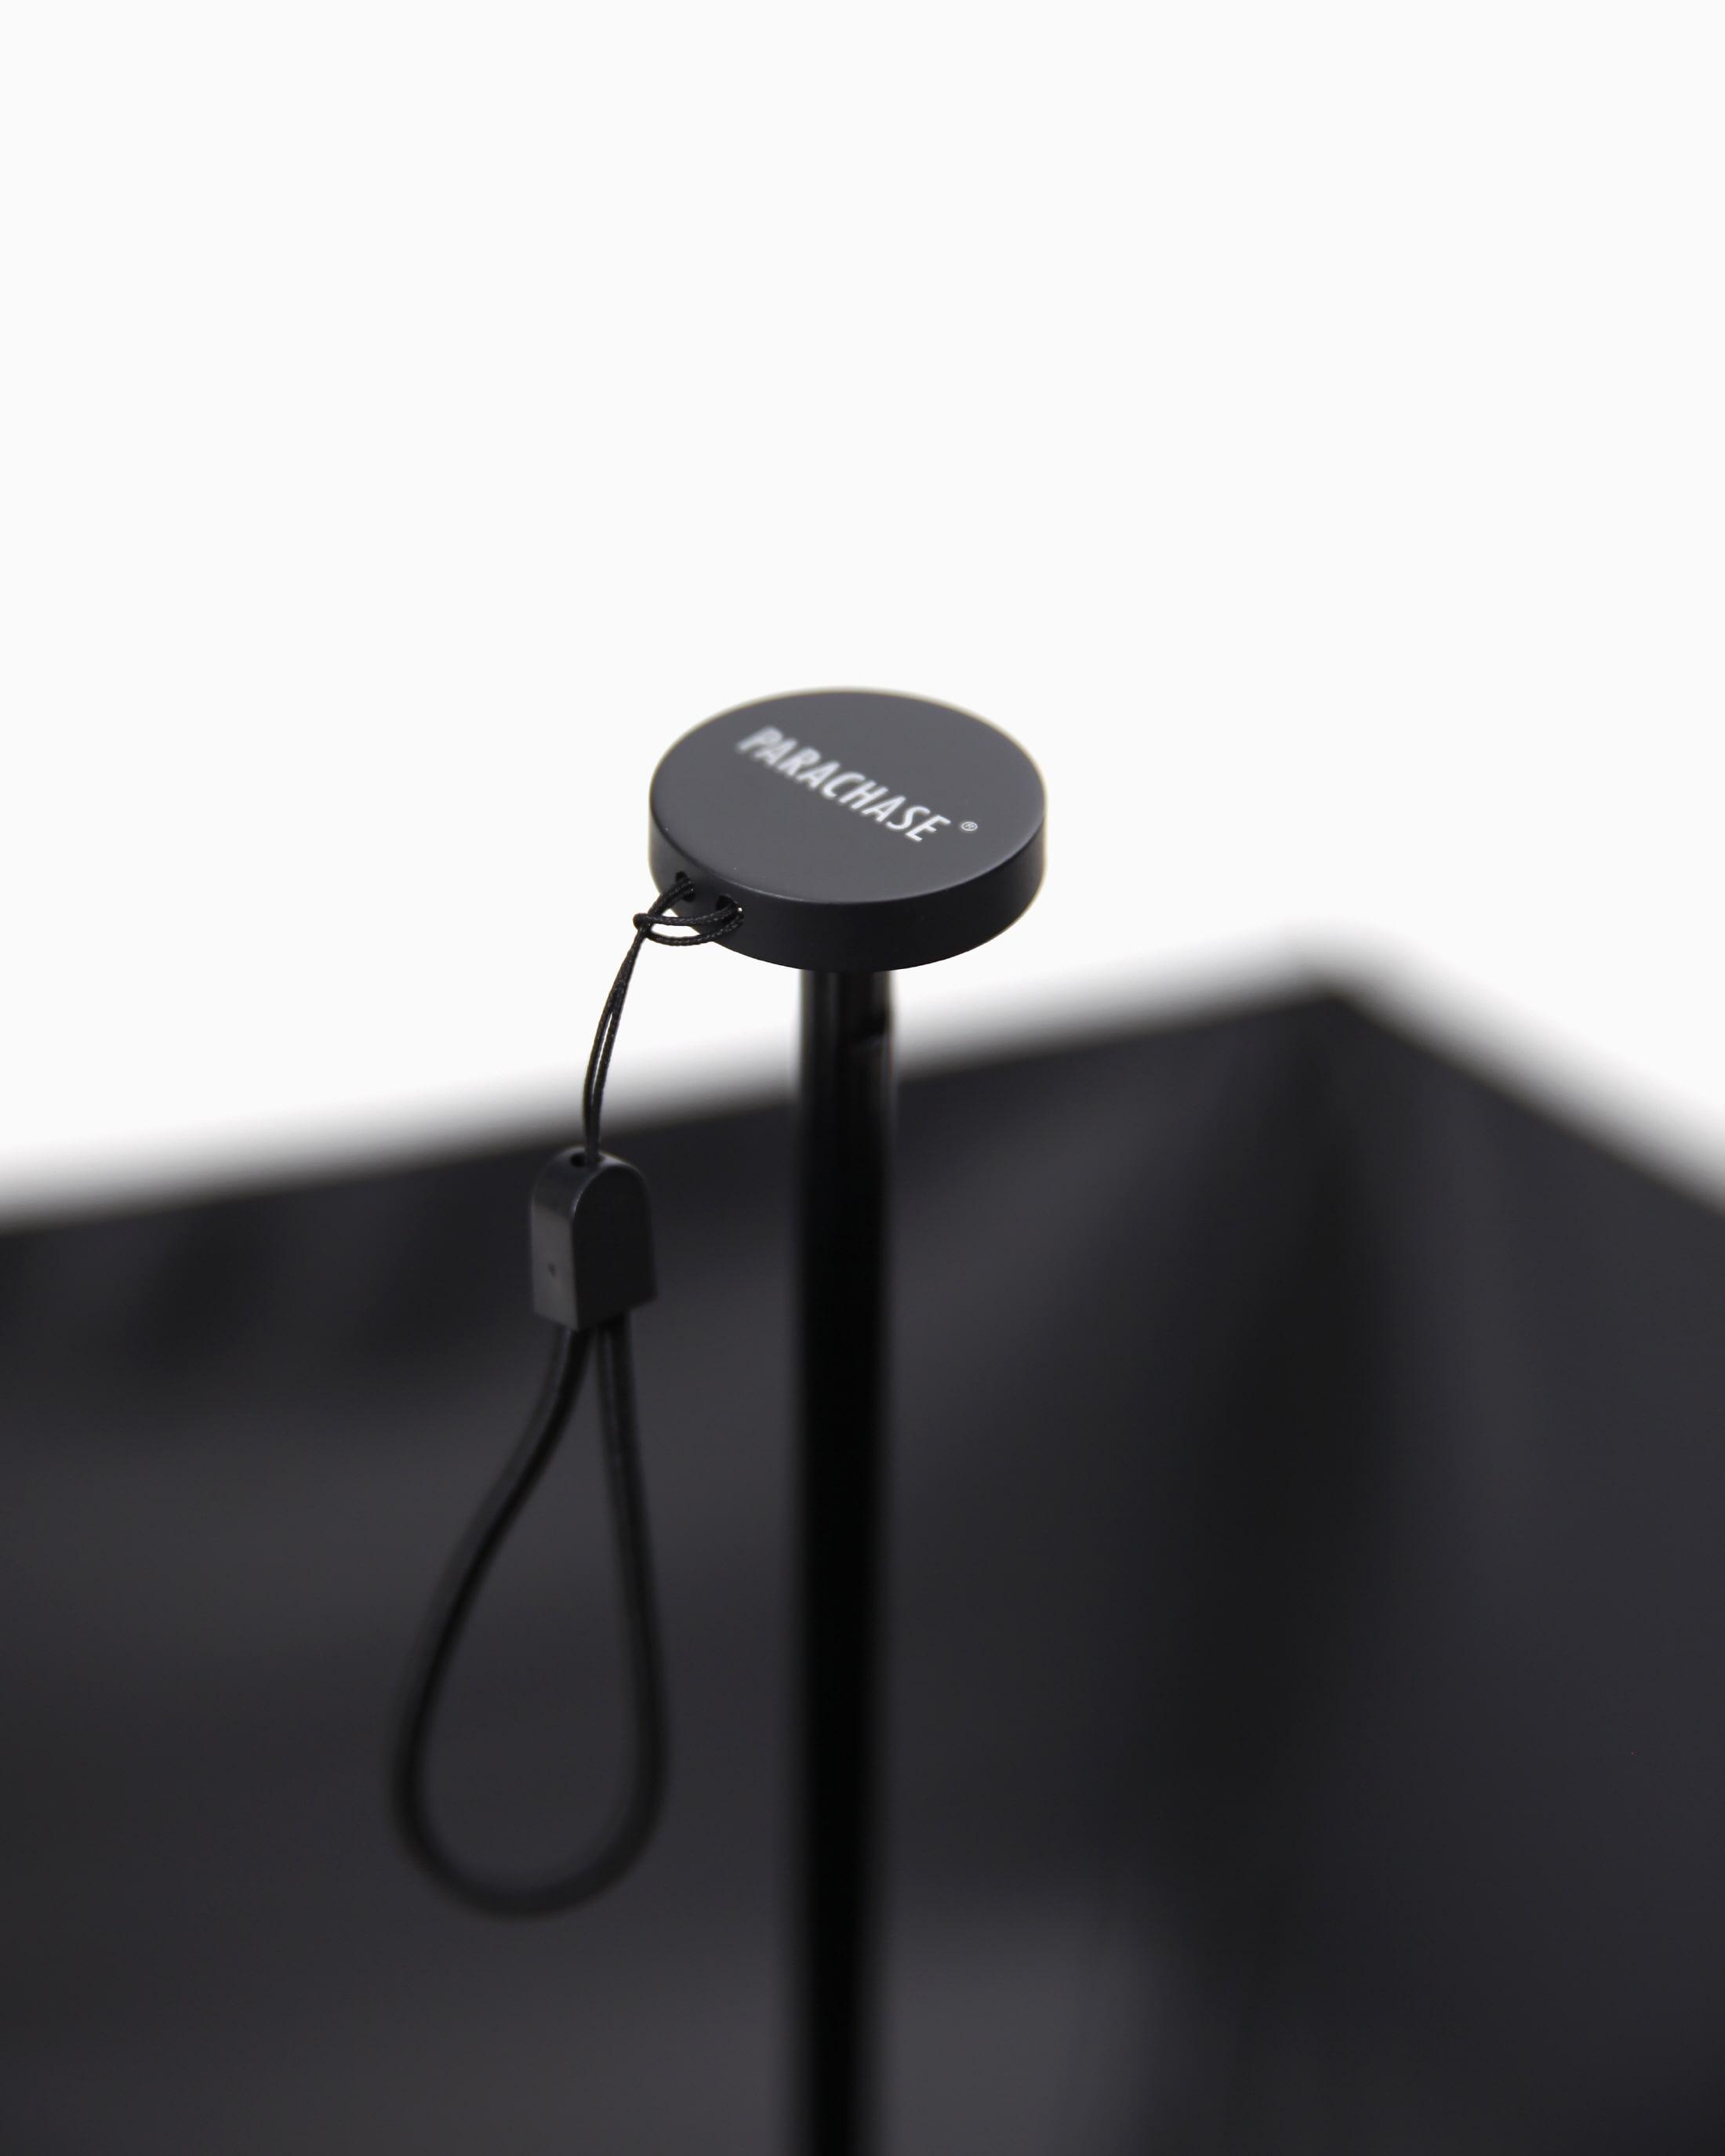 파라체이스(PARACHASE) 3261 105g 울트라 초경량 휴대용 접이식 암막 우산 양산 겸용